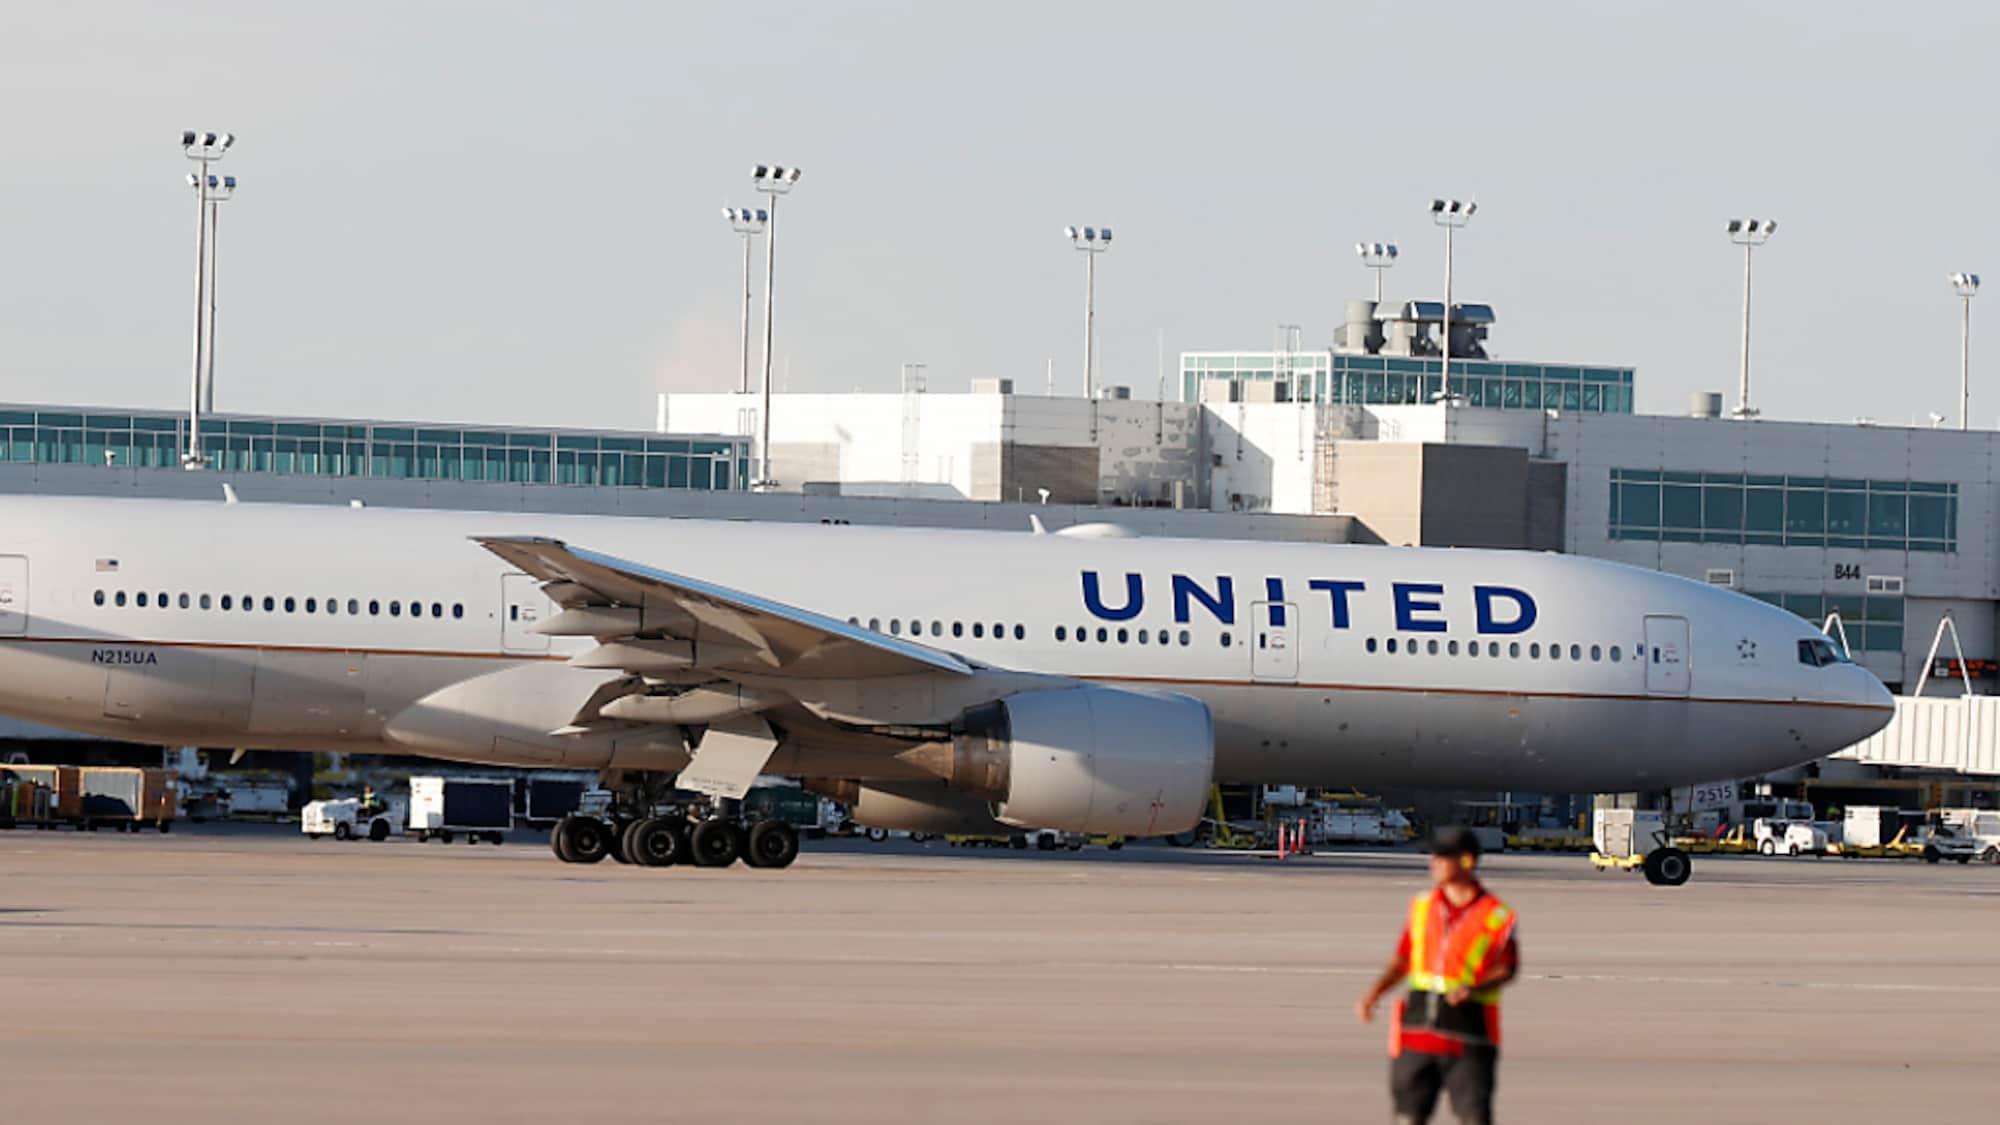 Luftverkehr: United Airlines verdoppelt Gewinn trotz 737-Max-Ausfalls